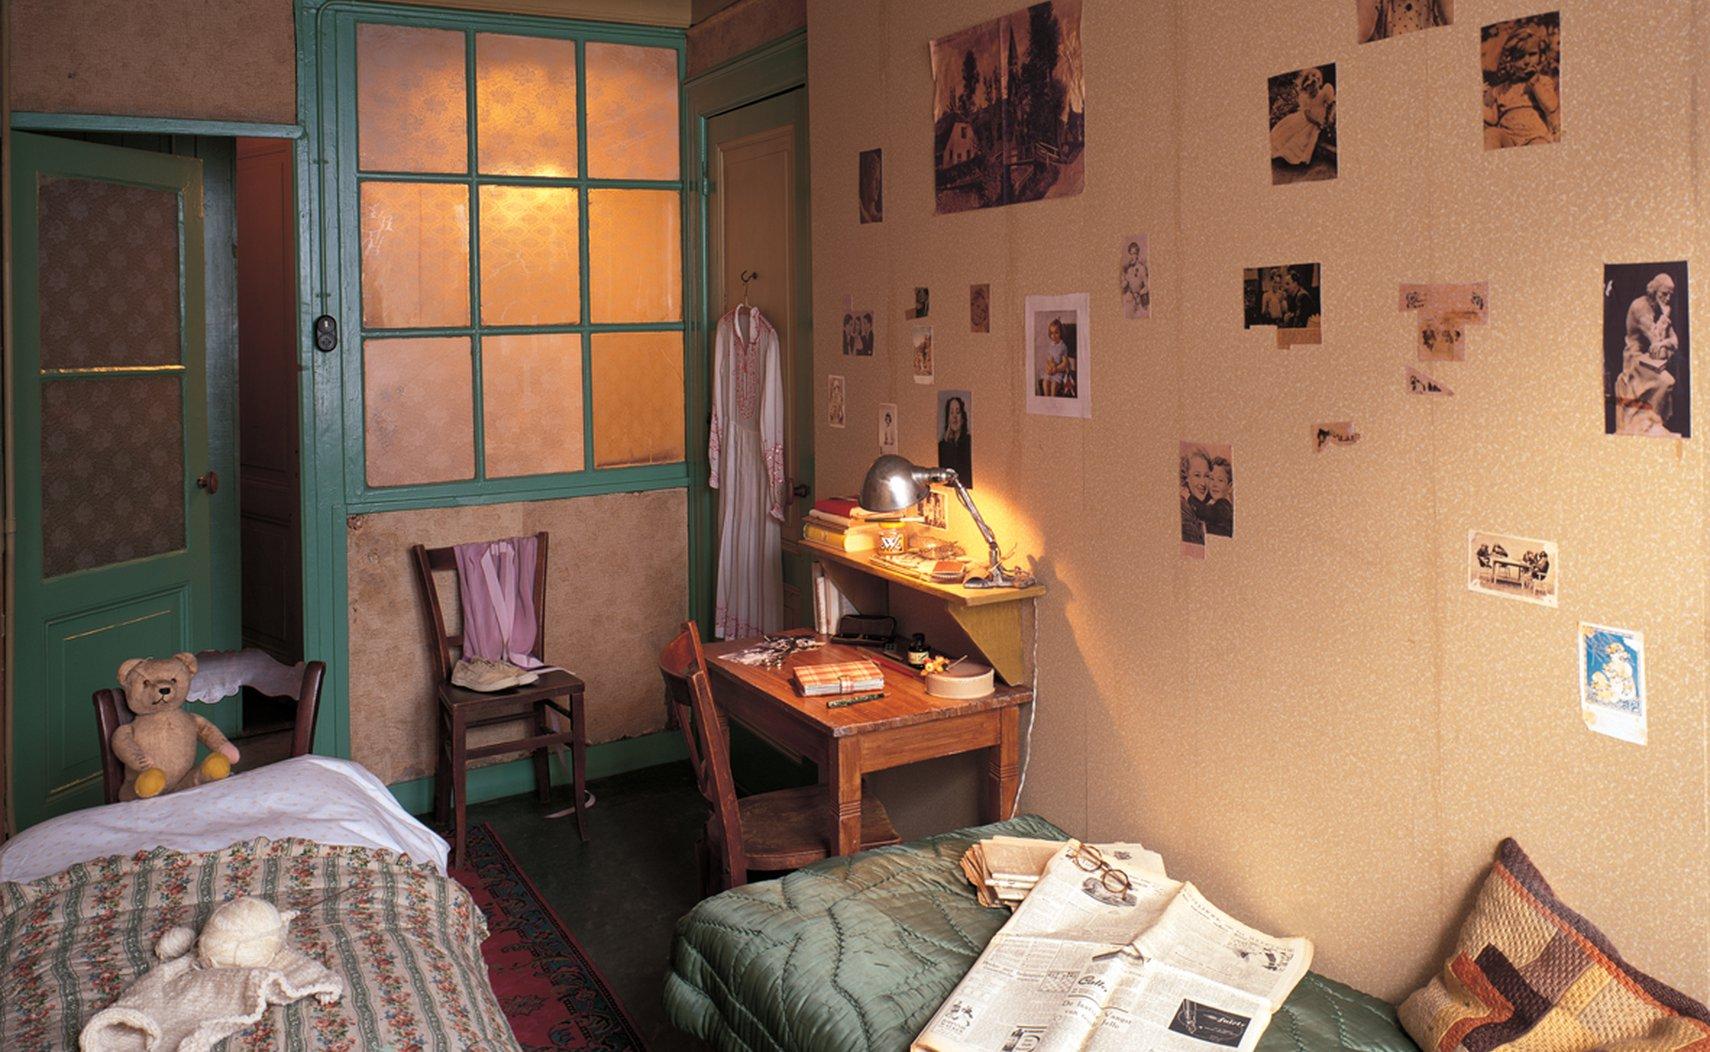 La habitación de Ana Frank y Fritz Pfeffer en la Casa de Atrás